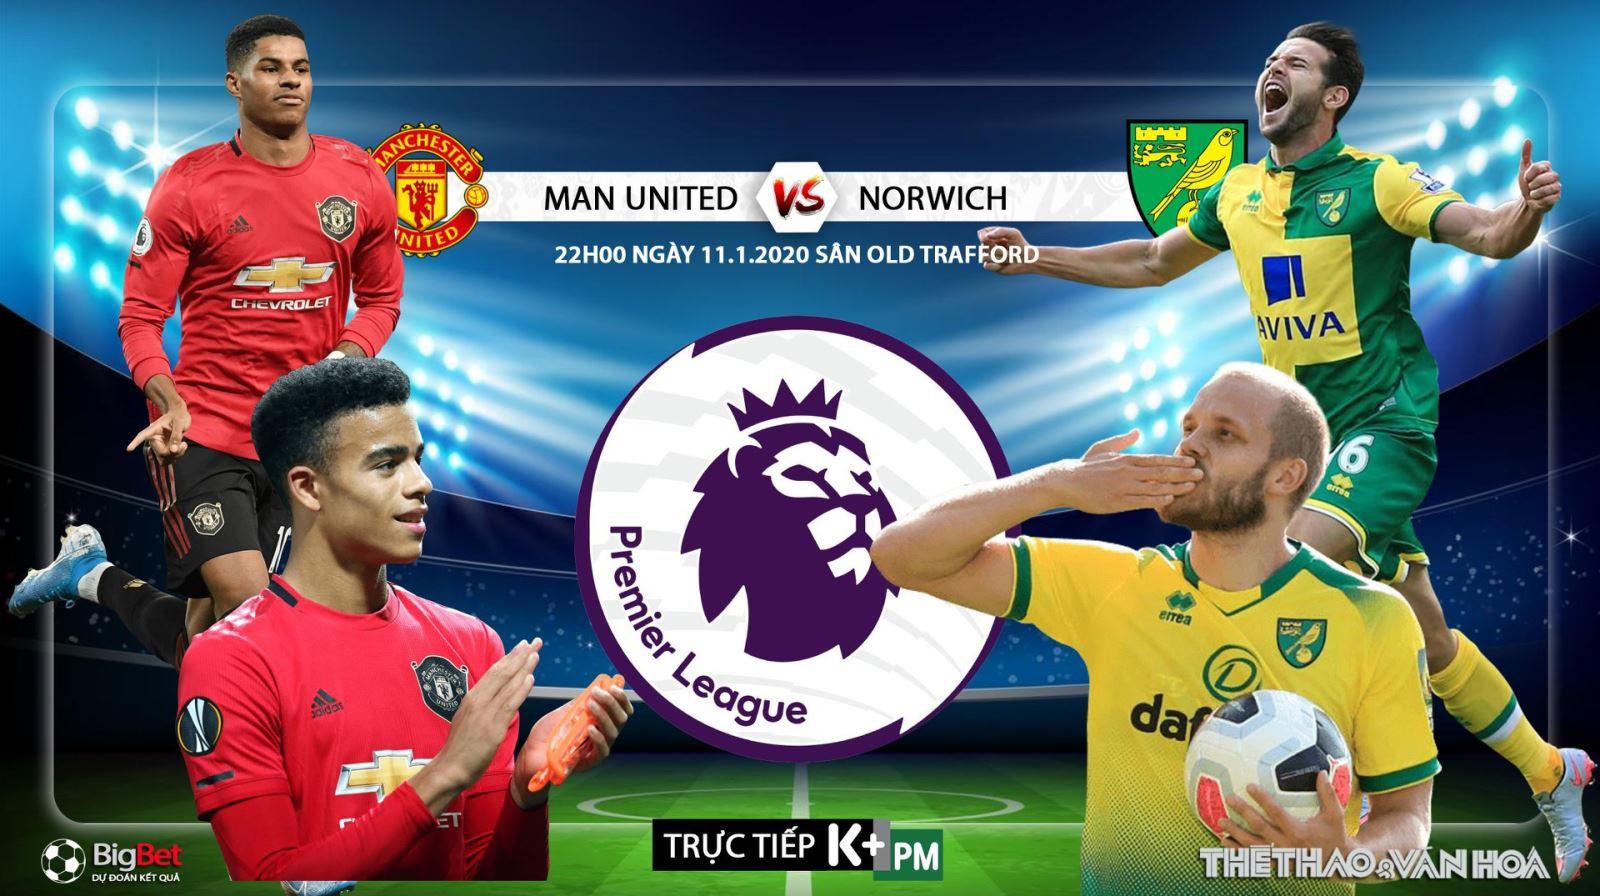 Soi kèo MU vs Norwich. Vòng 22 Giải ngoại hạng Anh. Trực tiếp K+PM